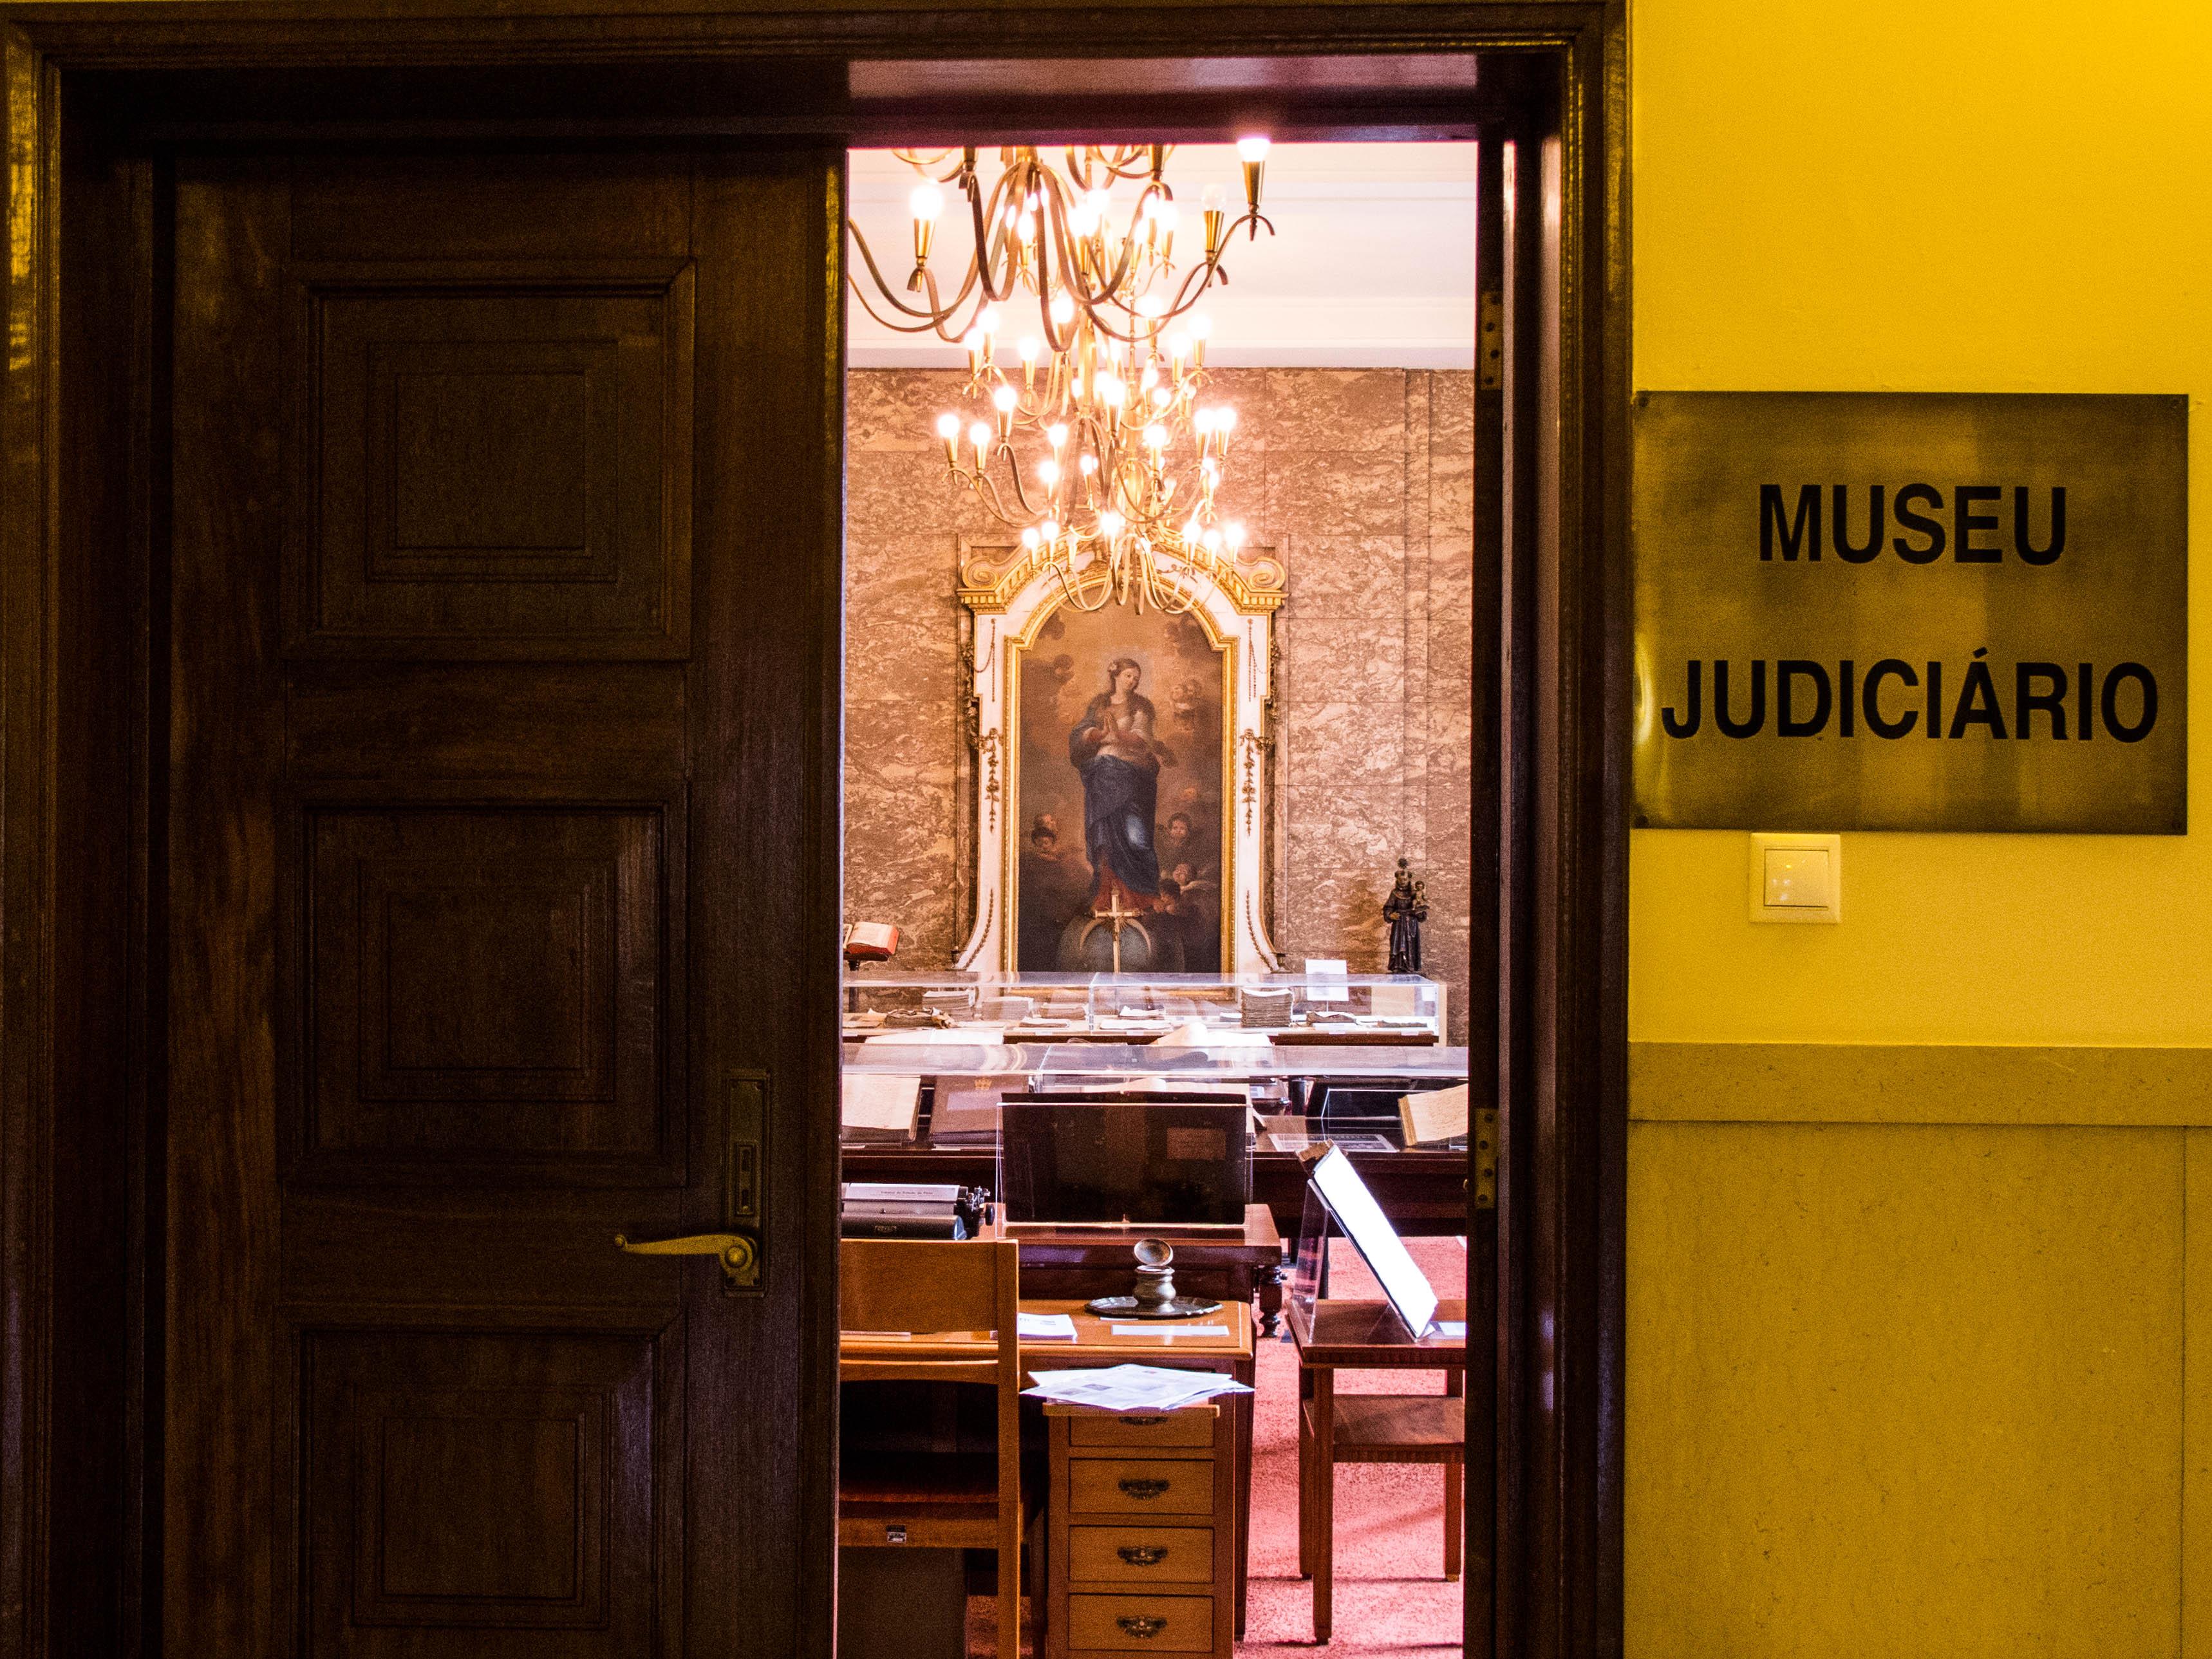 Uma porta aberta revela o interior do museu Judiciário no Palácio da Justiça